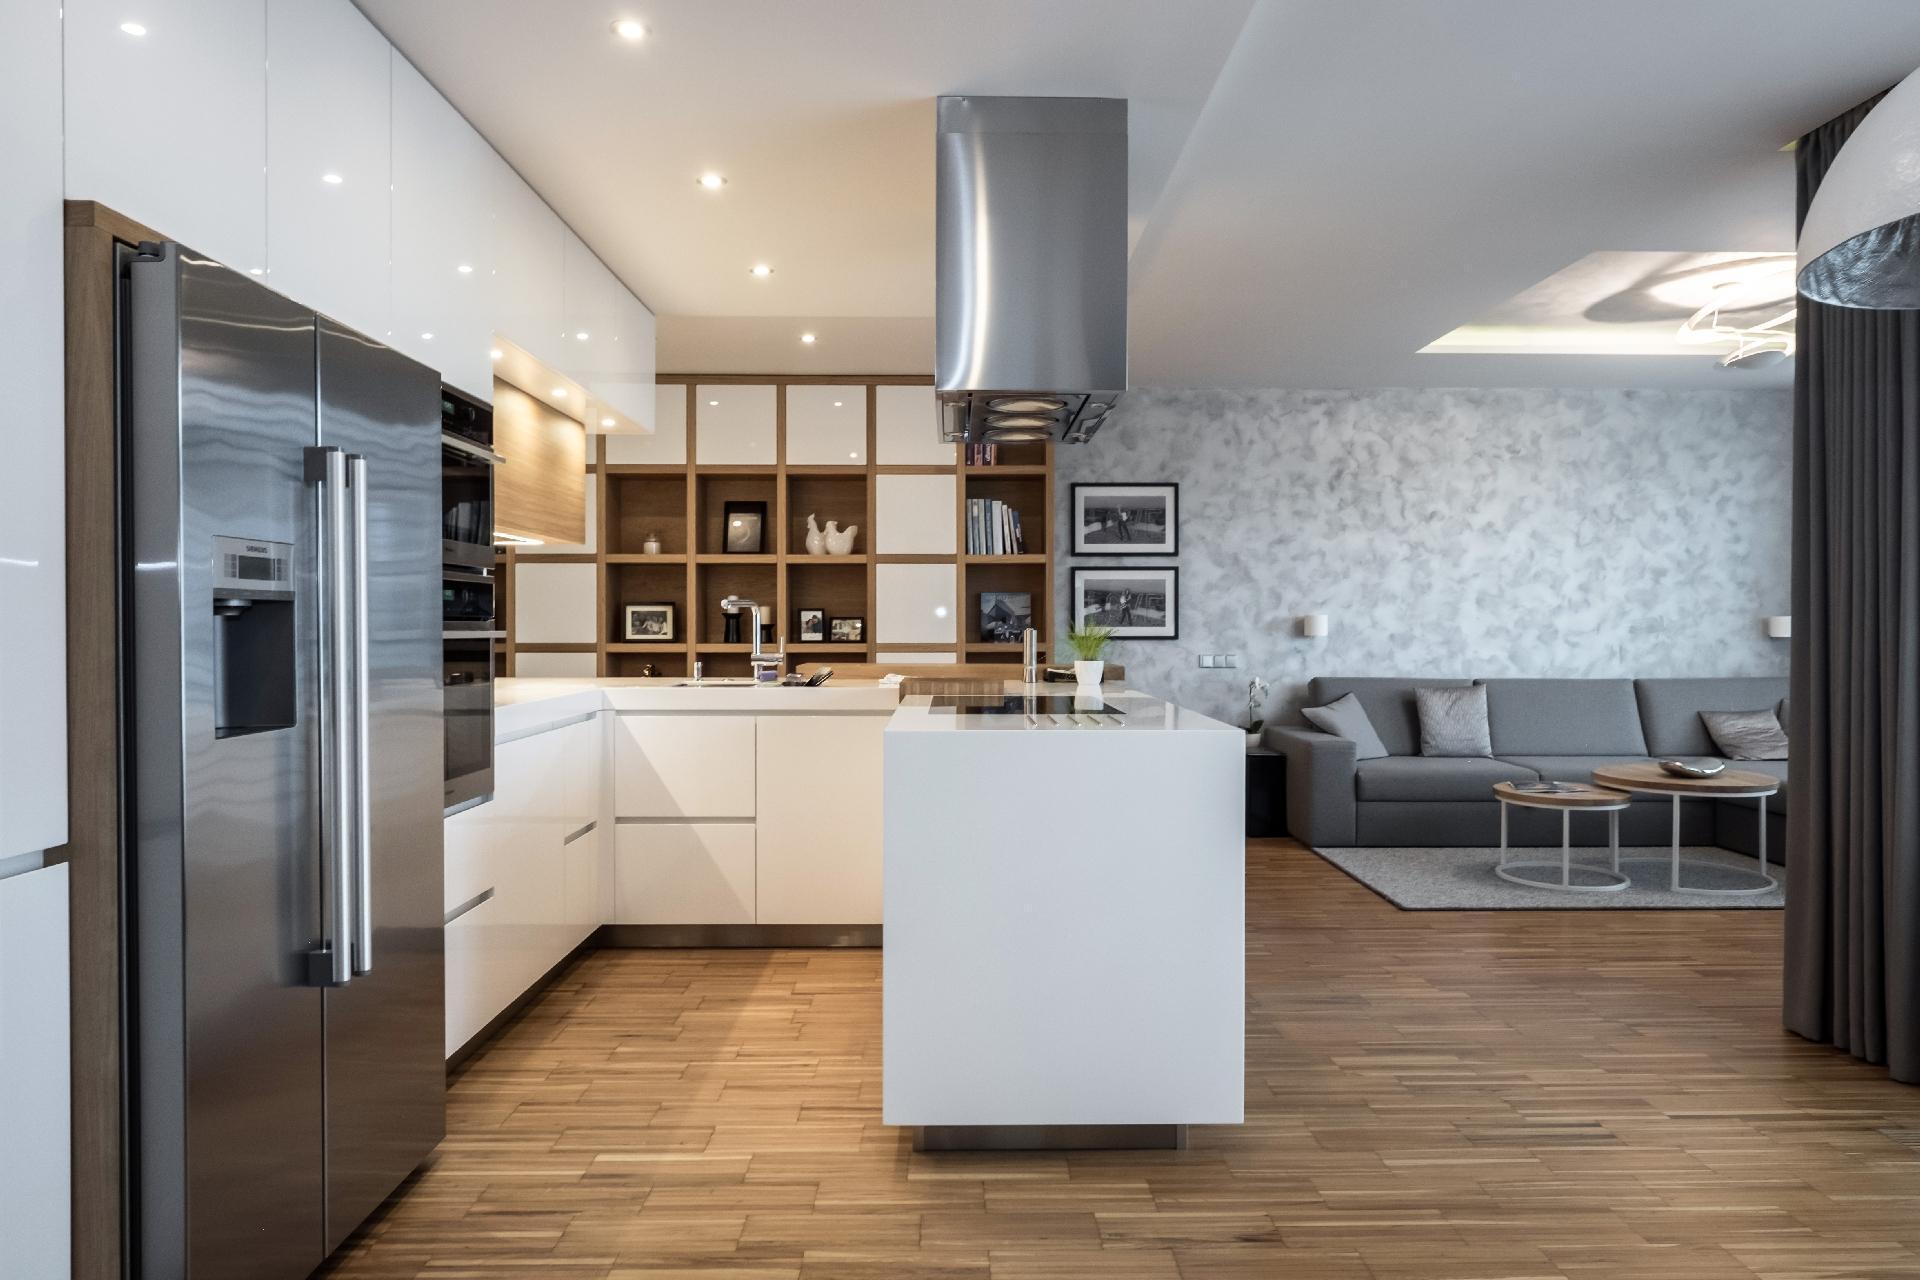 Interiéry rodinných domů